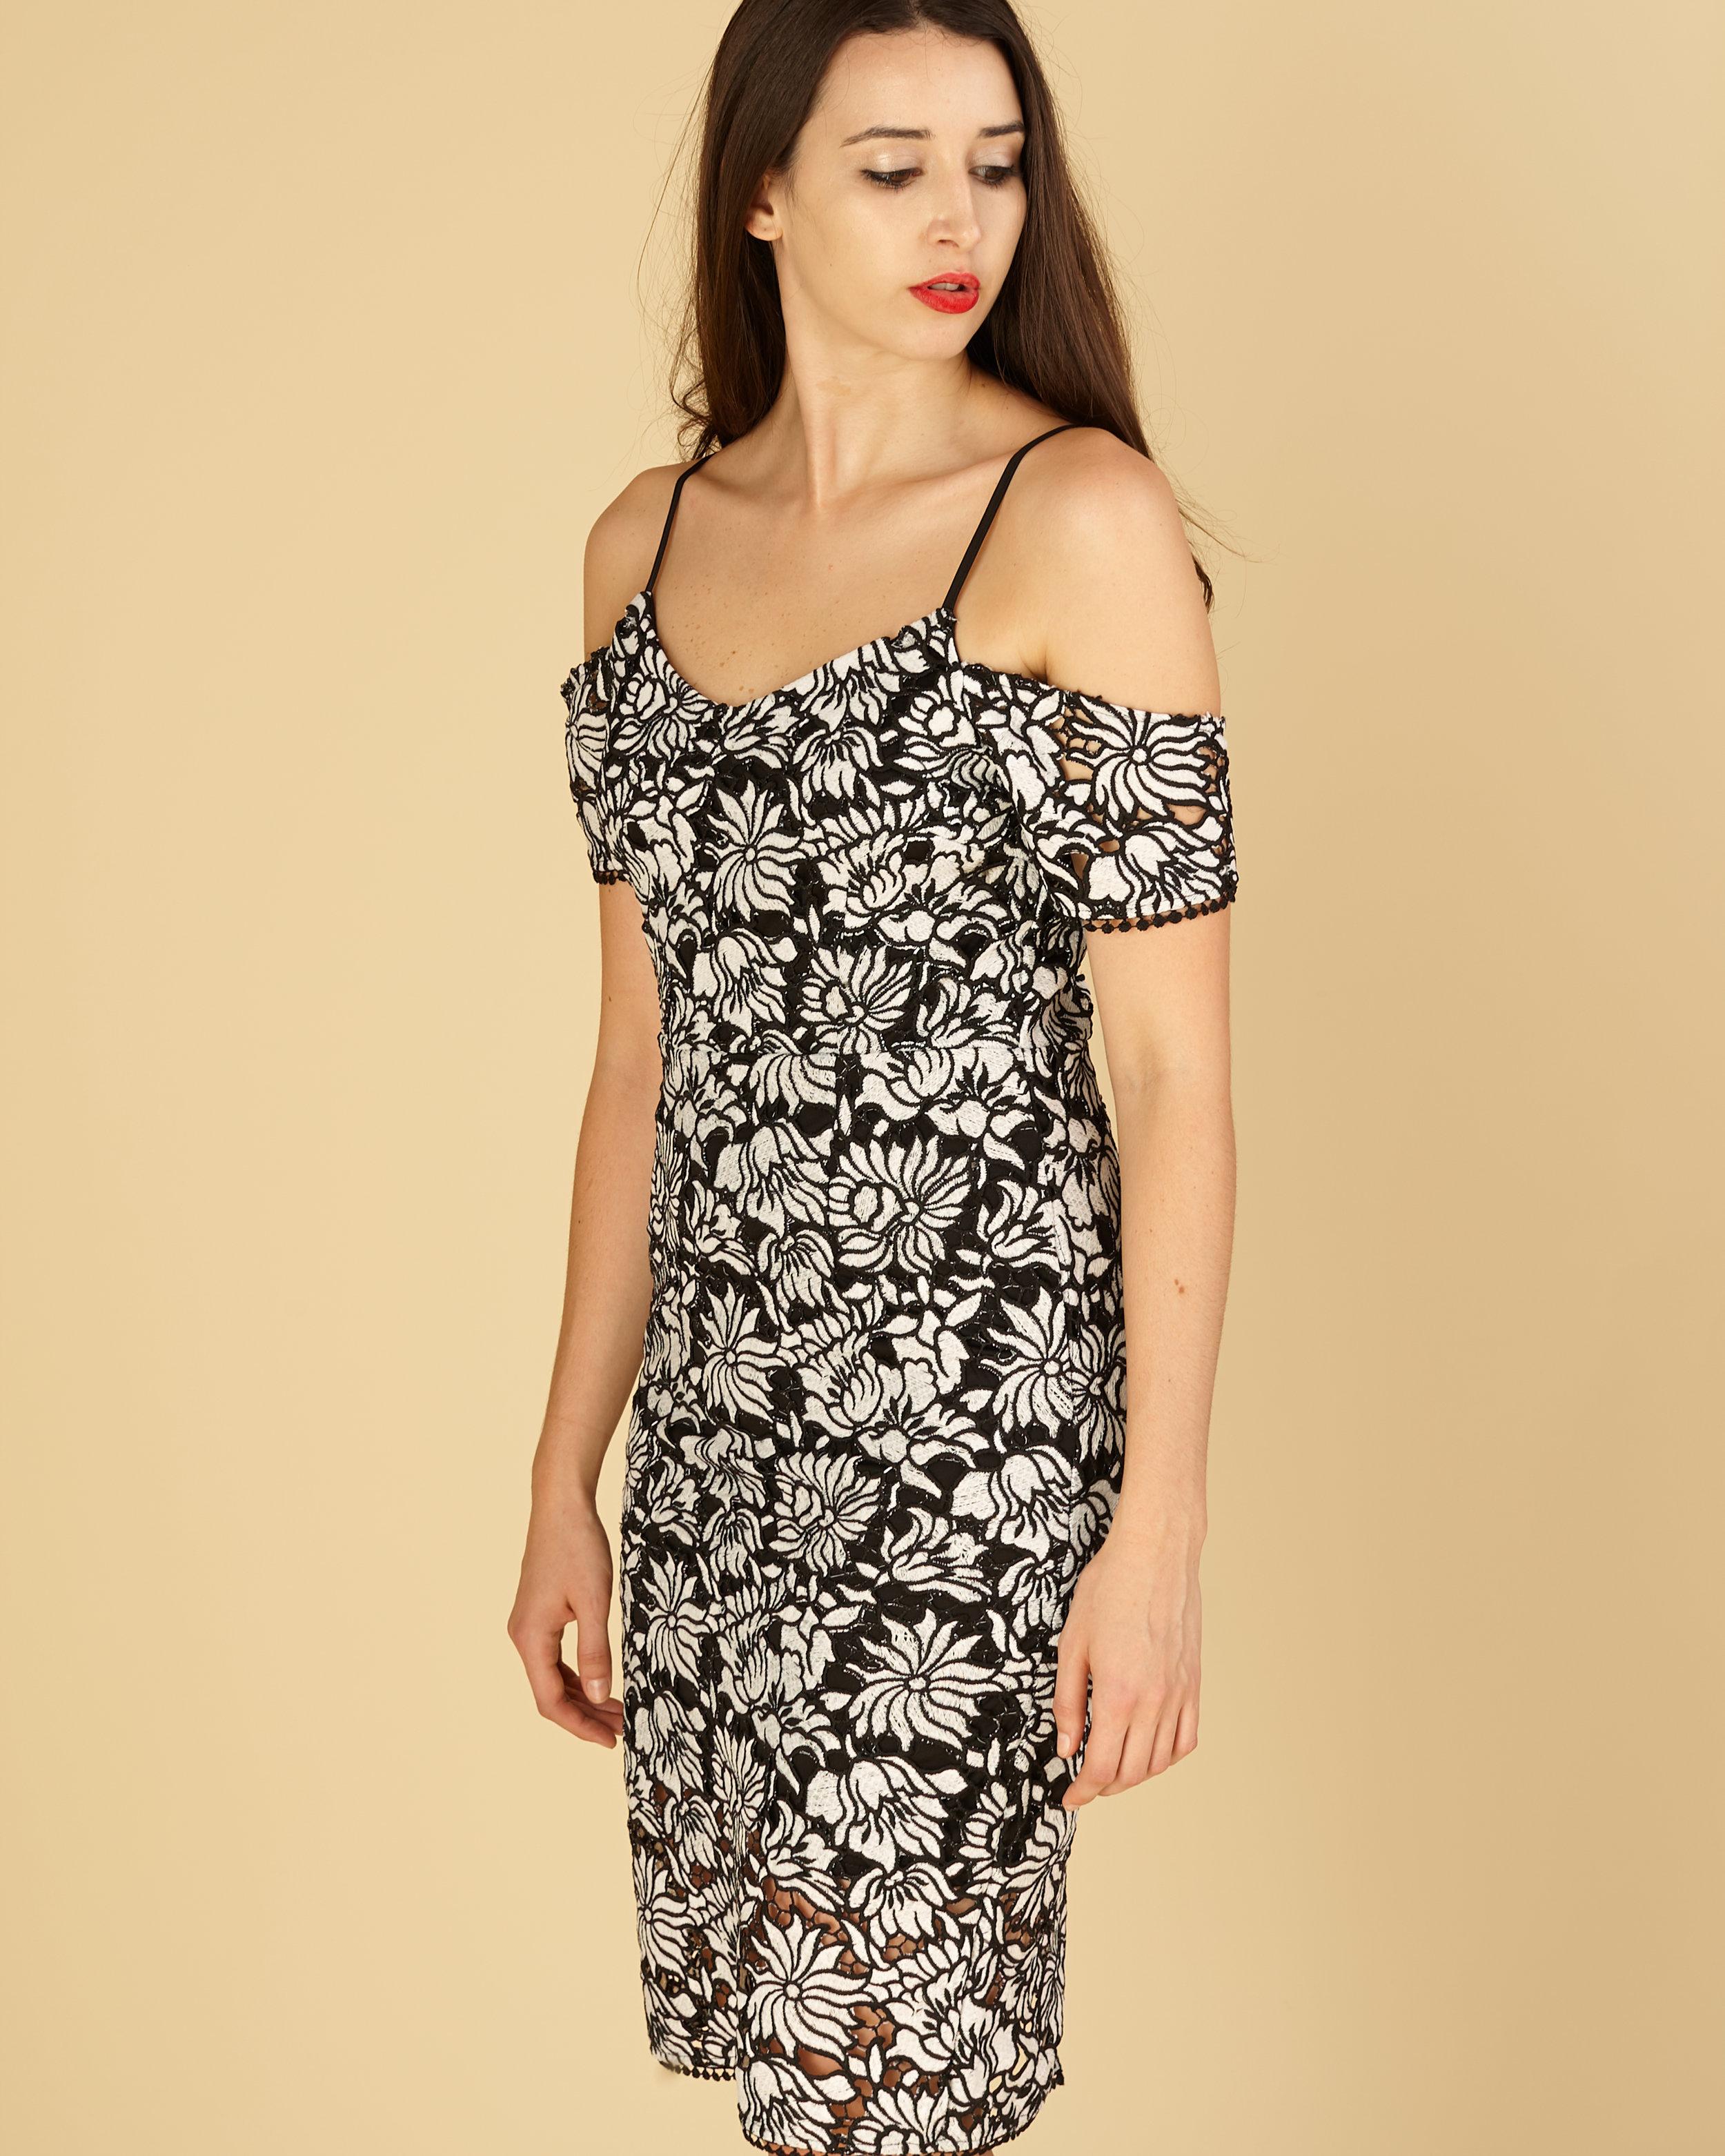 079ad3c866 Black/White Vintage open lace Cold shoulder Dress — KRENEE BOUTIQUE